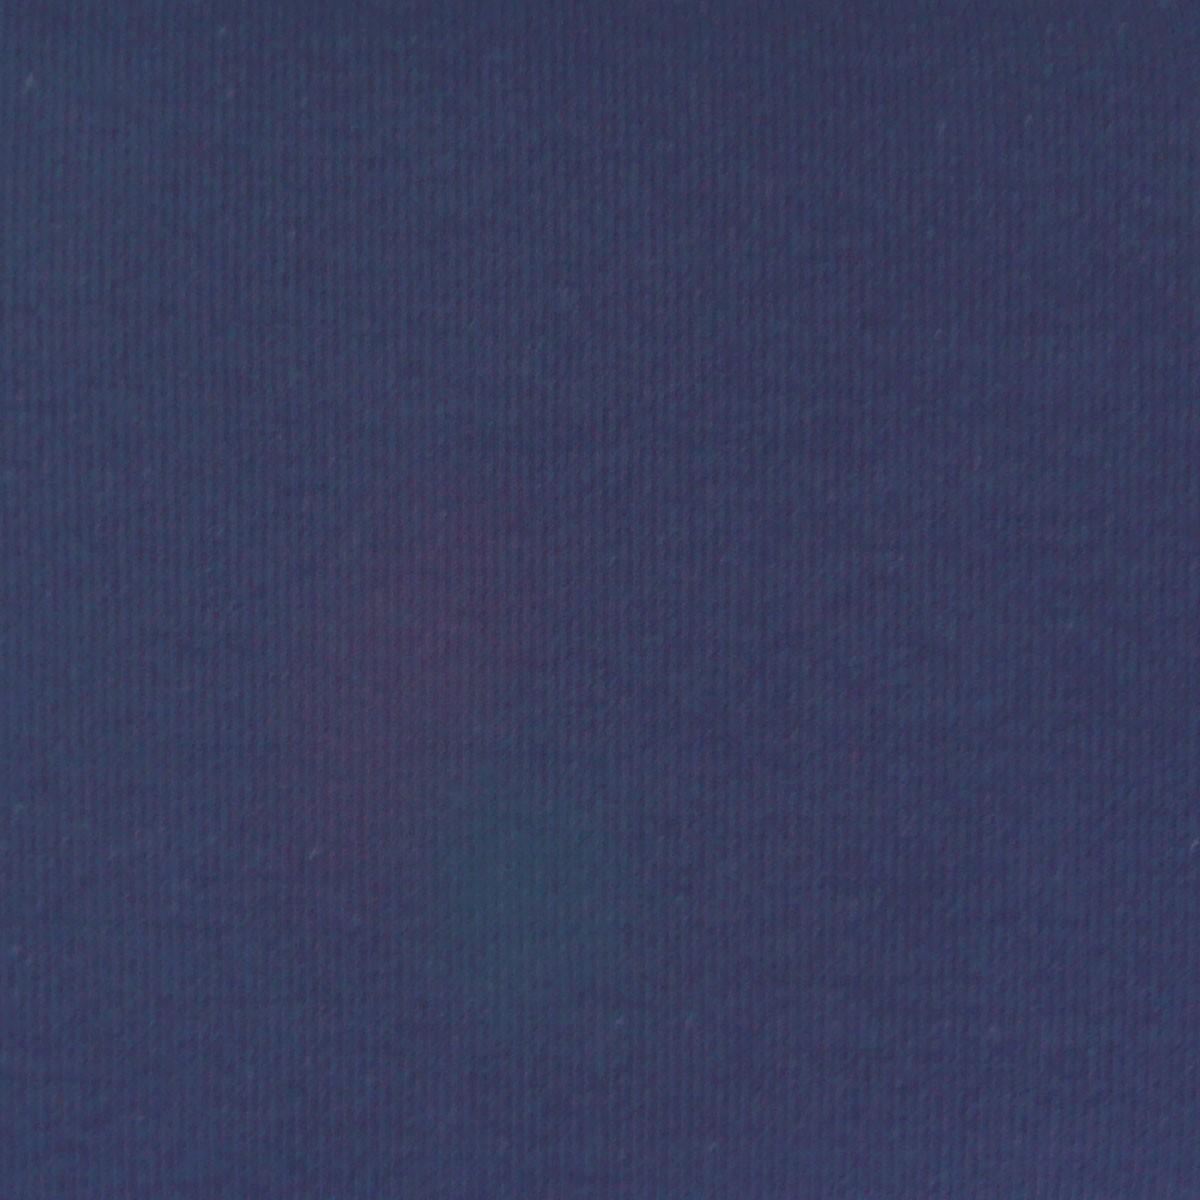 Strickschlauch Bündchenstoff grob dunkelblau 27cm Breite